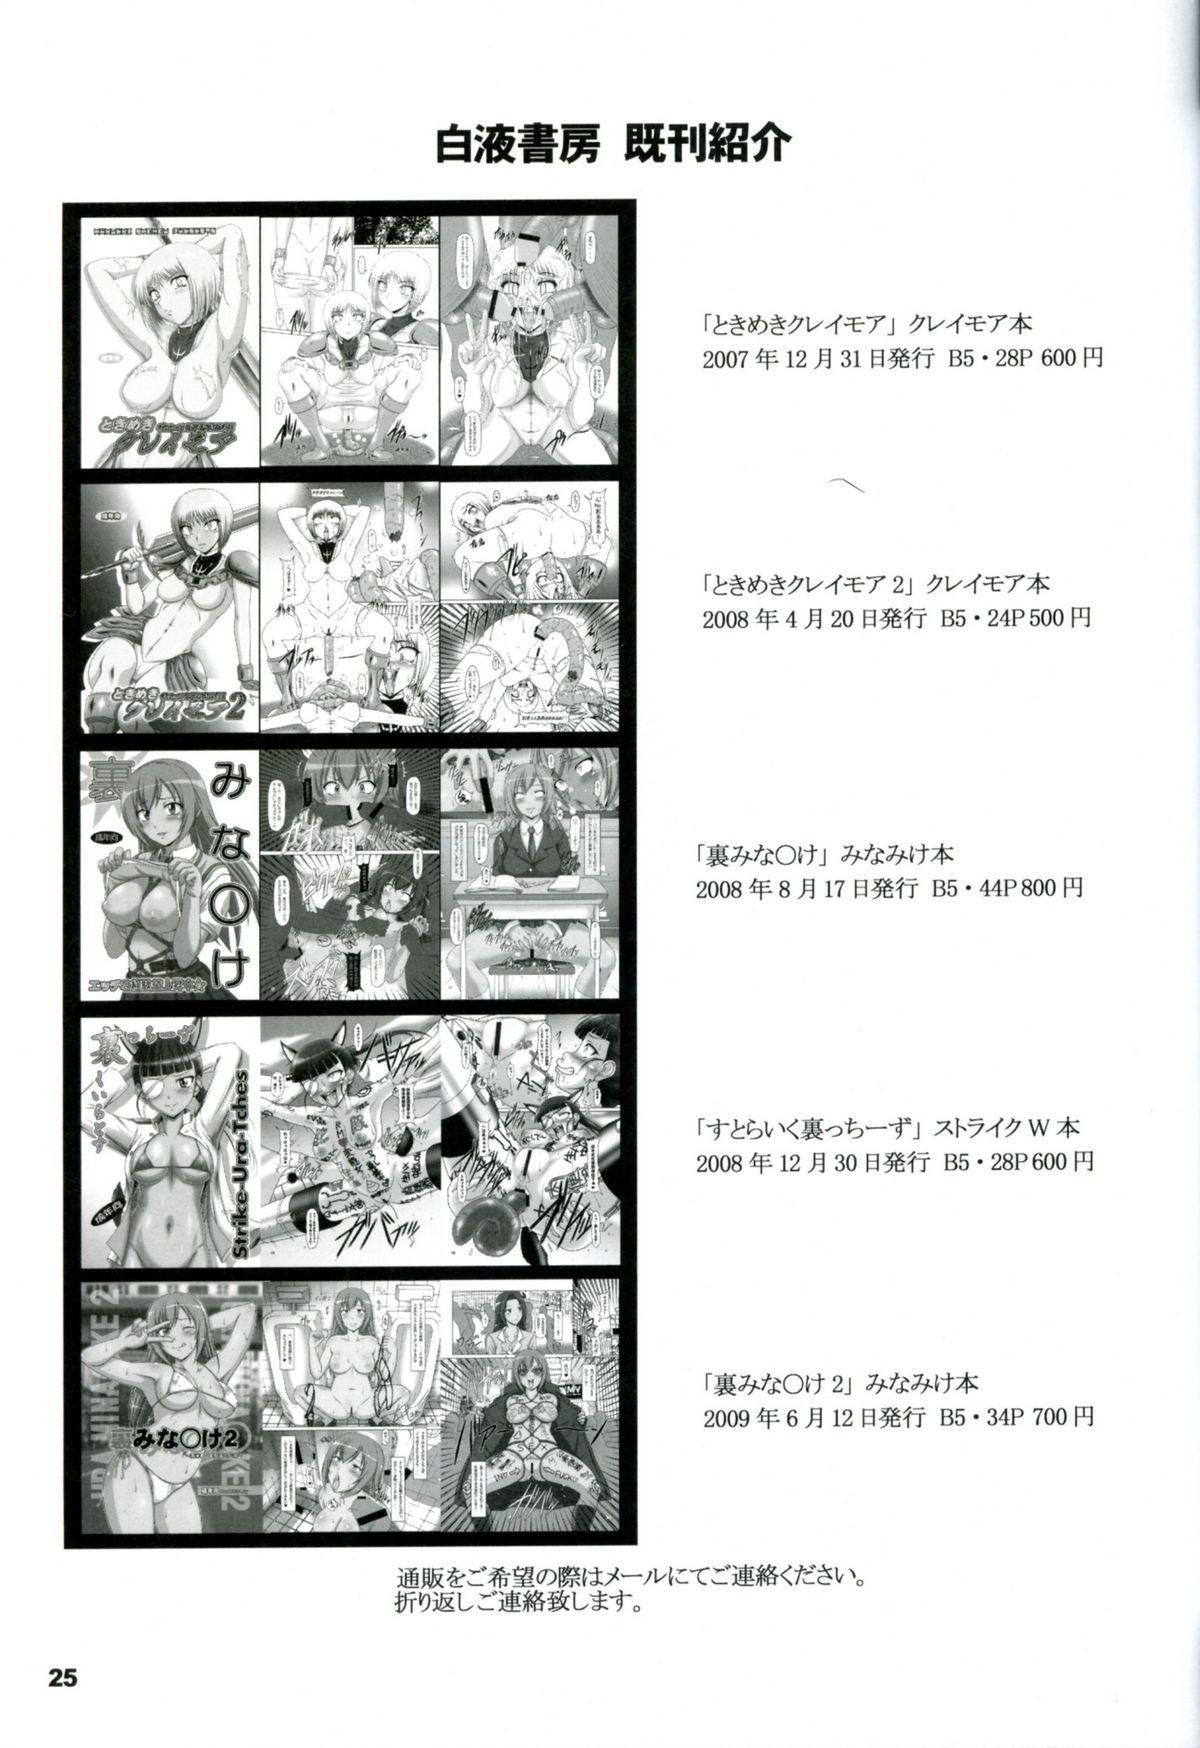 Kuroiro Jikan - Black Time 23